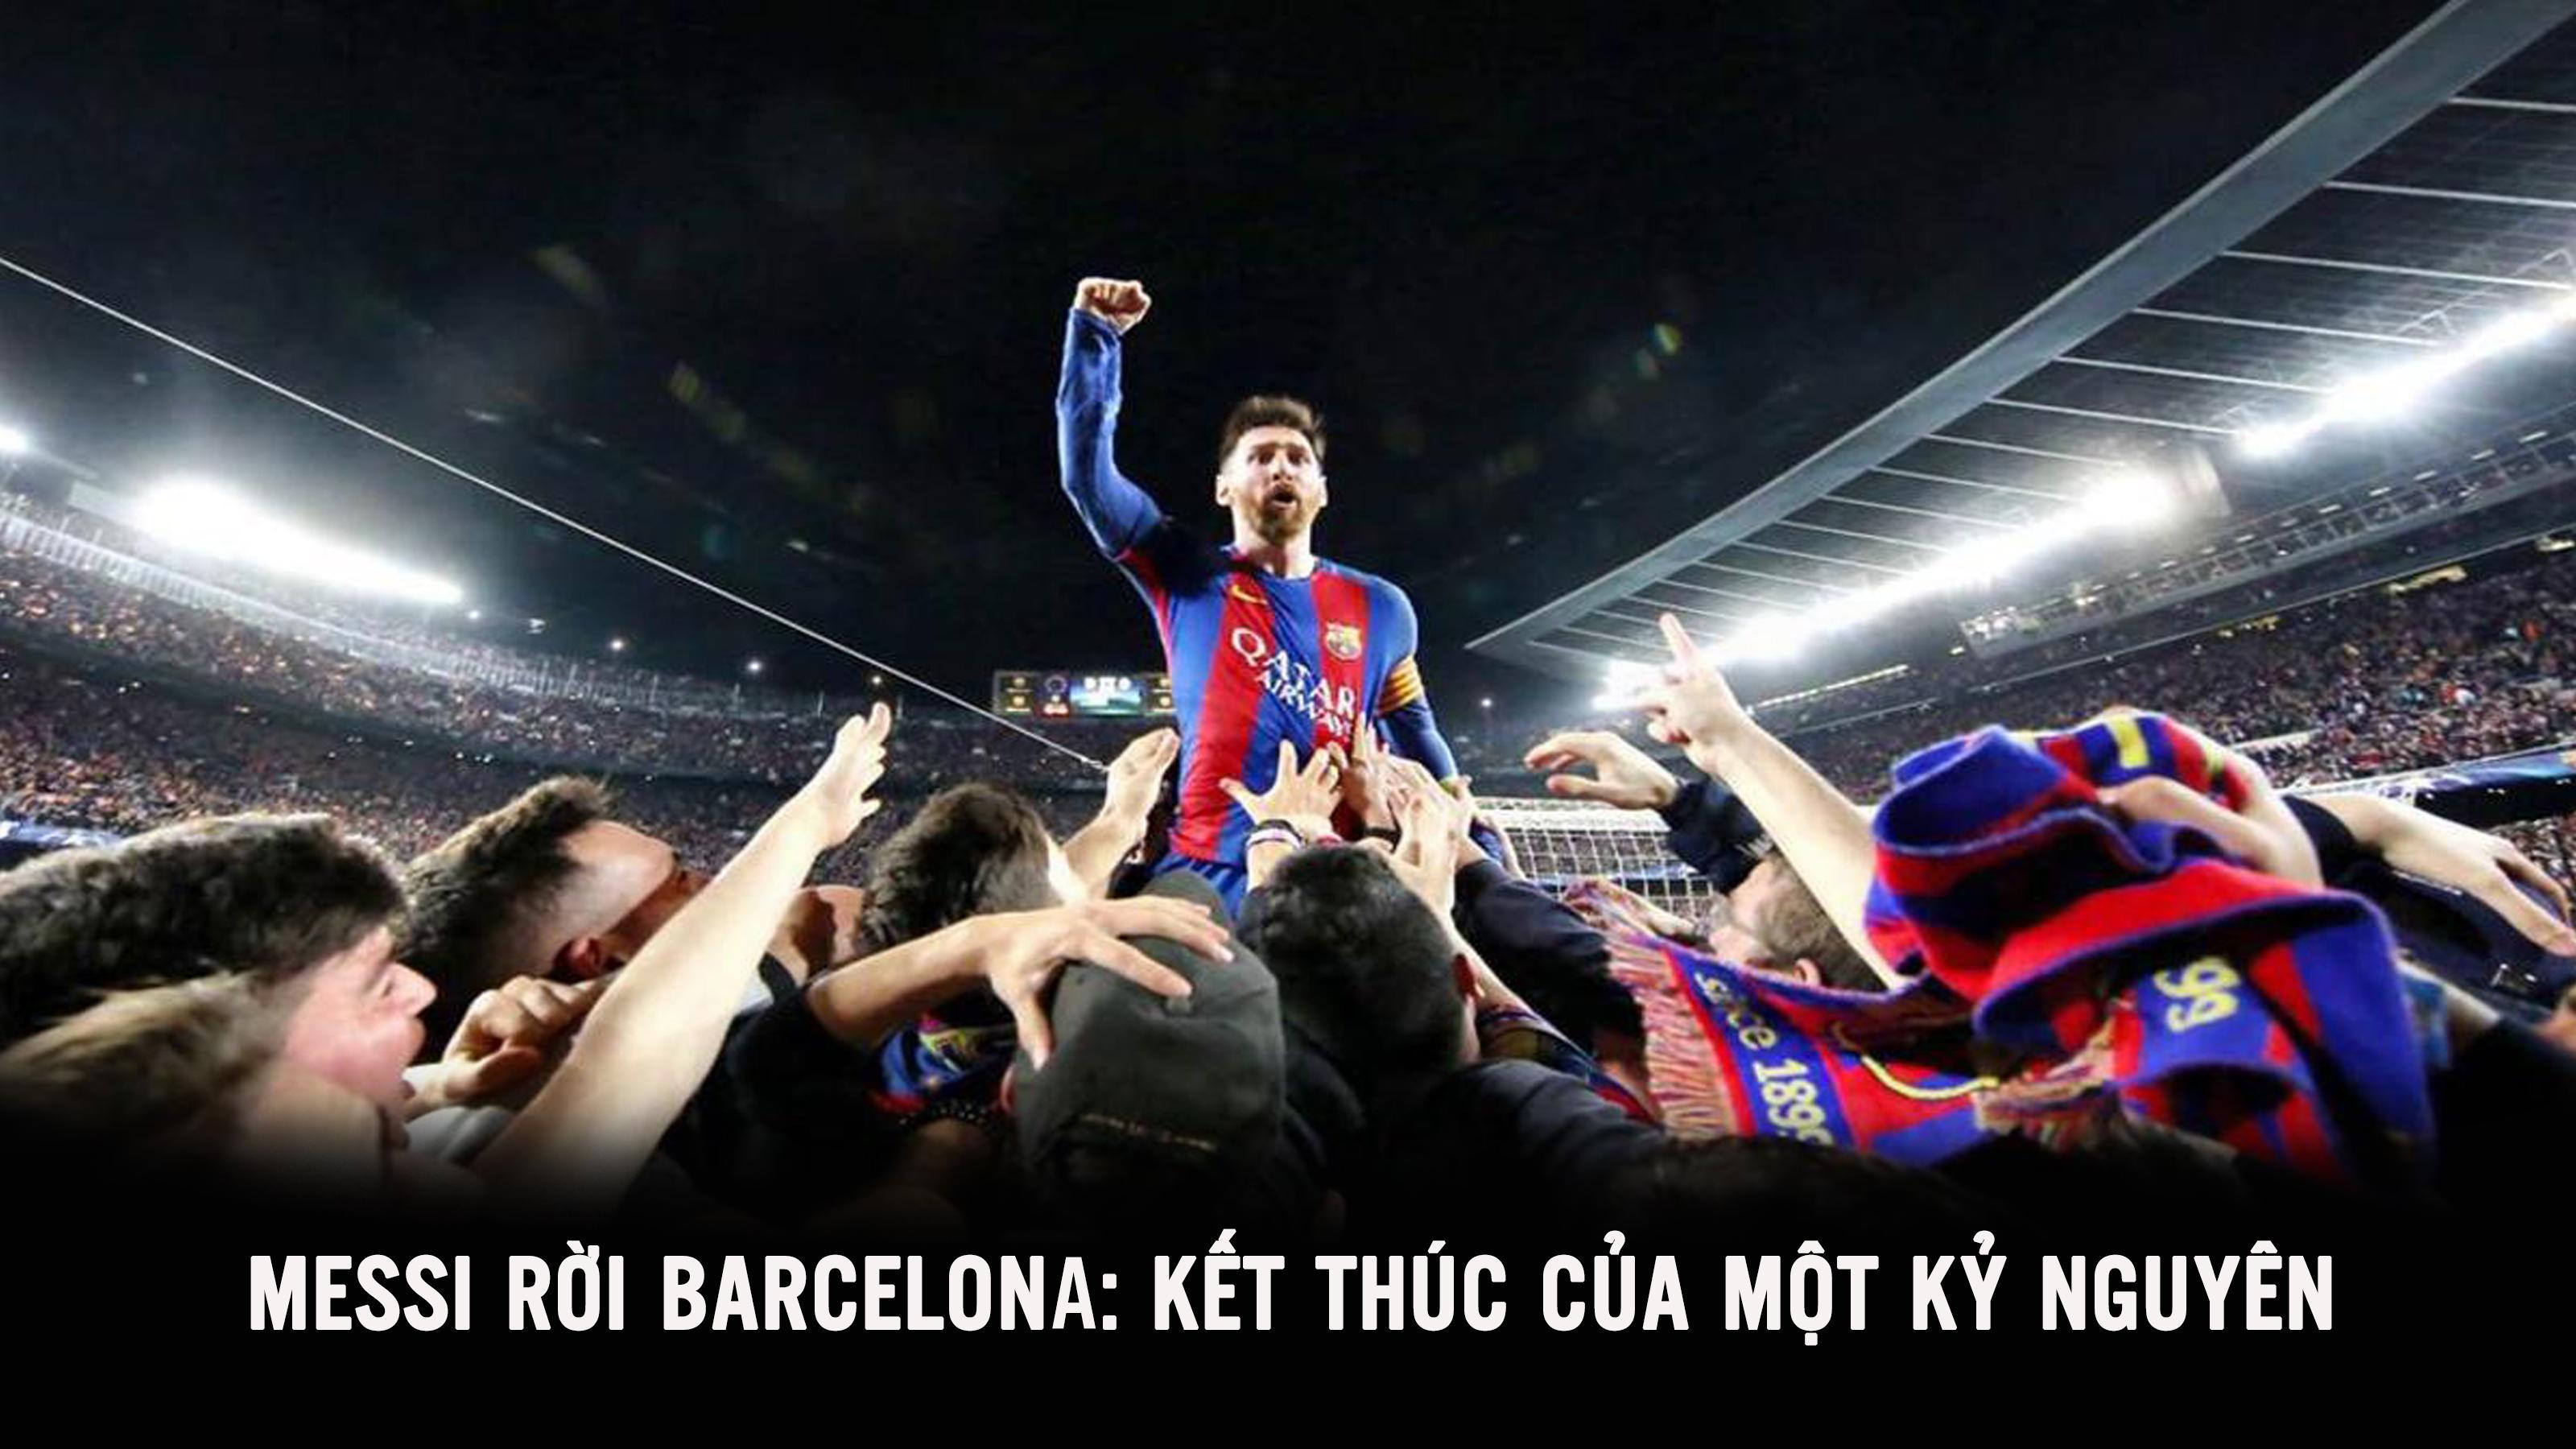 Messi rời Barcelona: Kết thúc của một kỷ nguyên